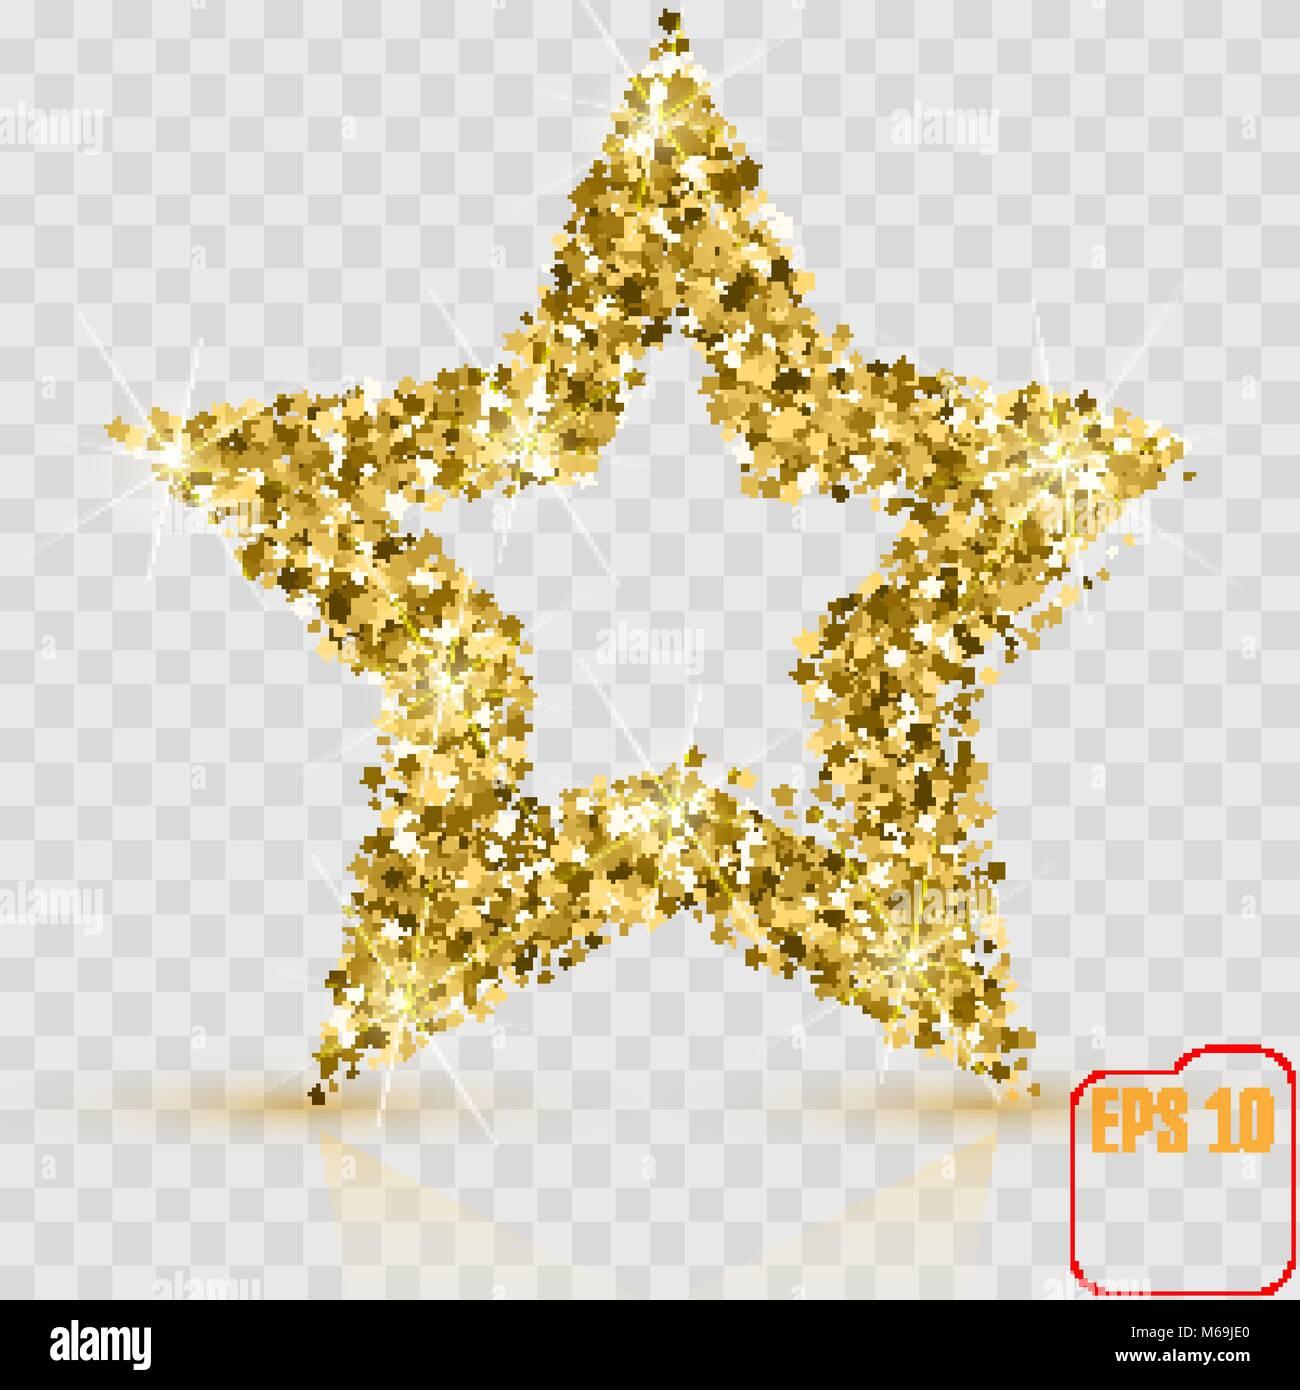 Lentejuelas de oro estrella de muchas estrellas pequeñas vector ...